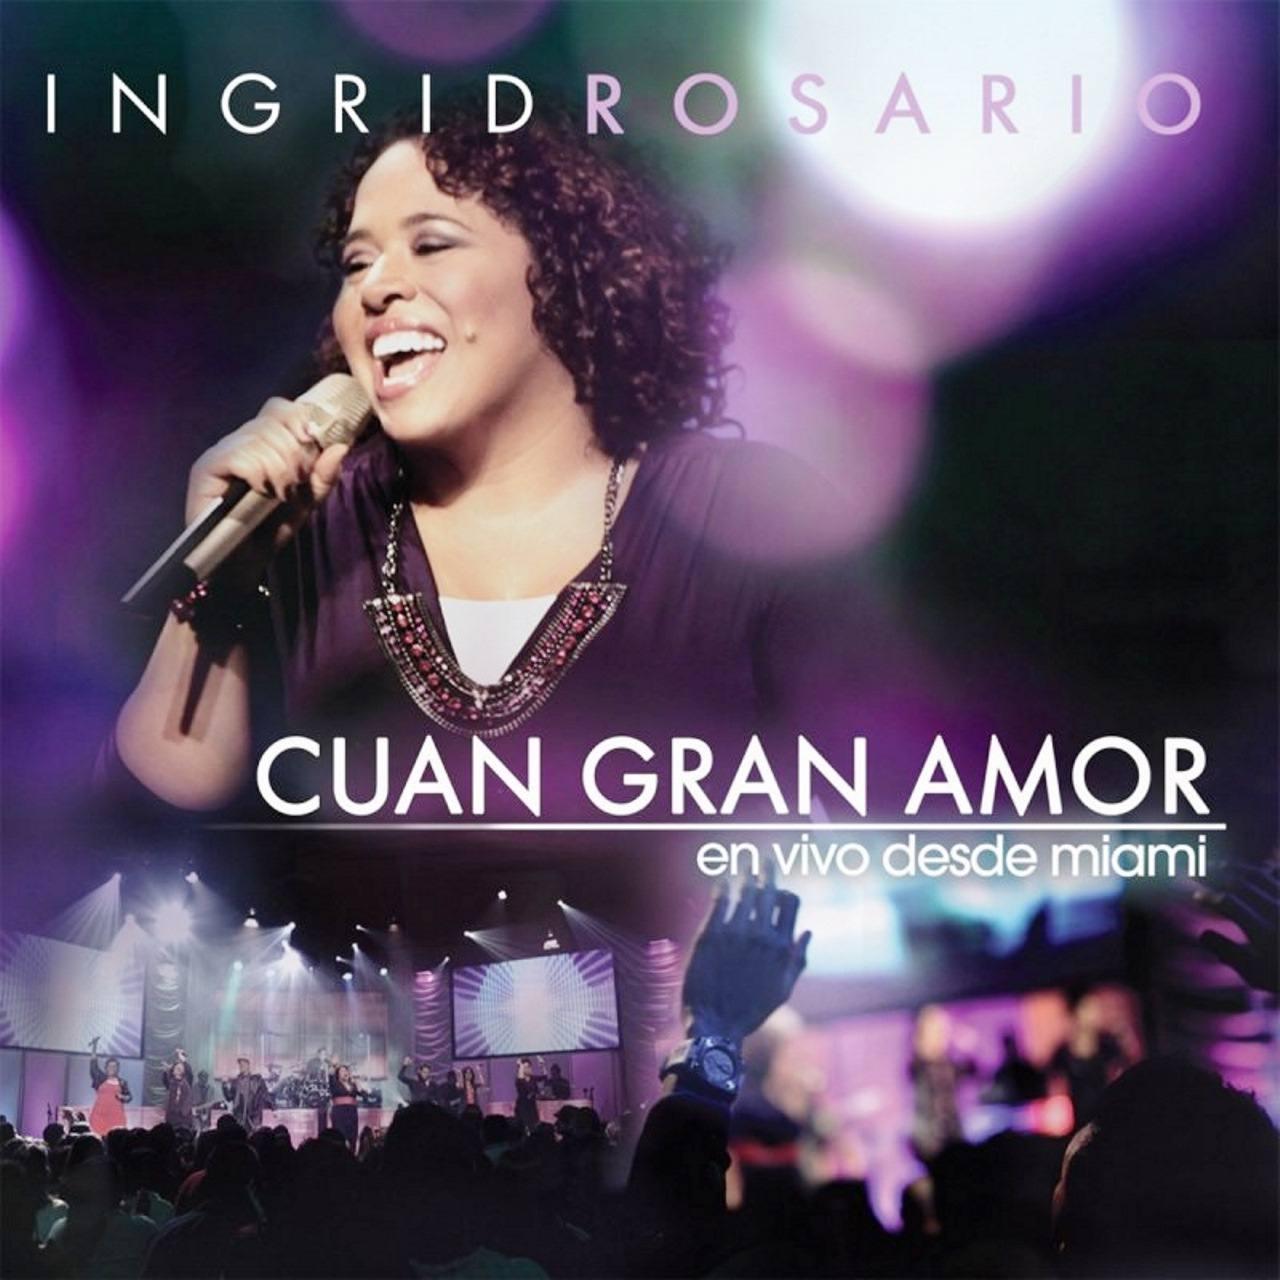 Carátula álbum Cuan gran amor, de Ingrid Rosario